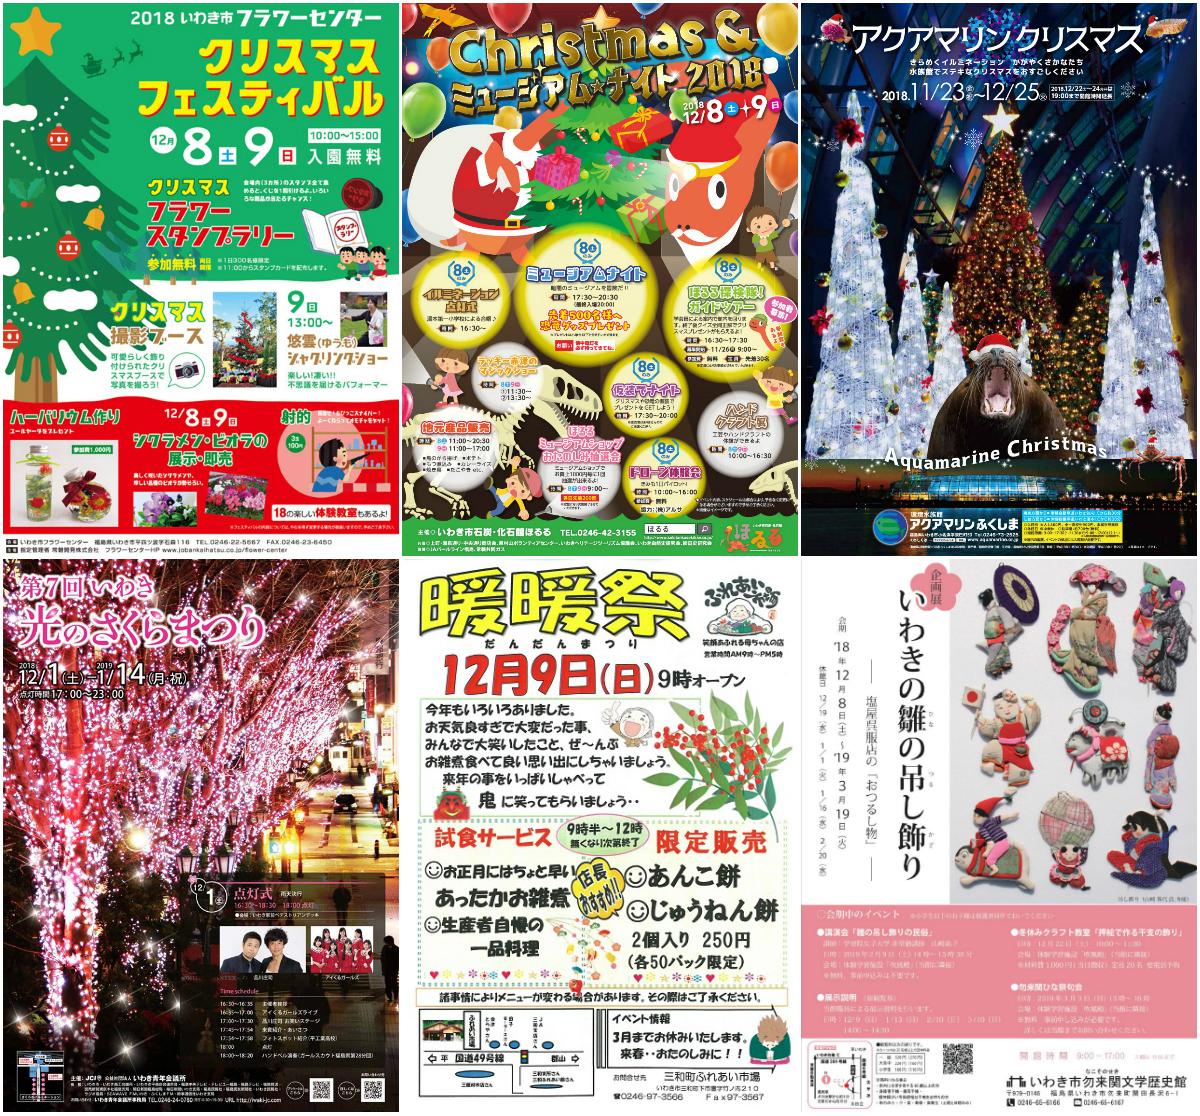 週末イベント情報 [平成30年12月5日(水)更新]